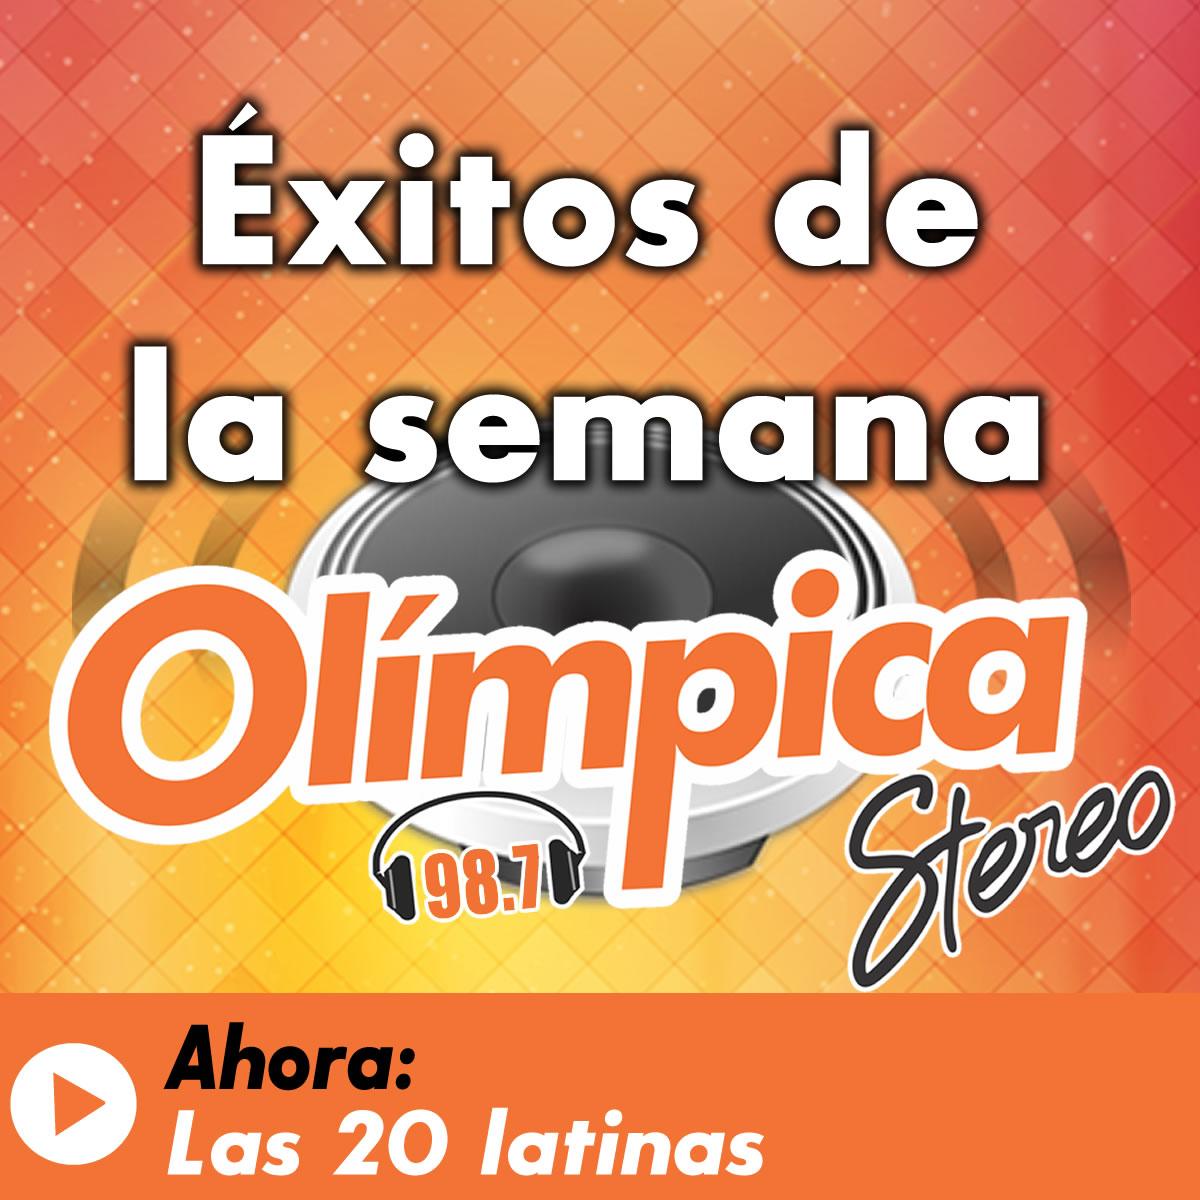 Las 20 latinas 04